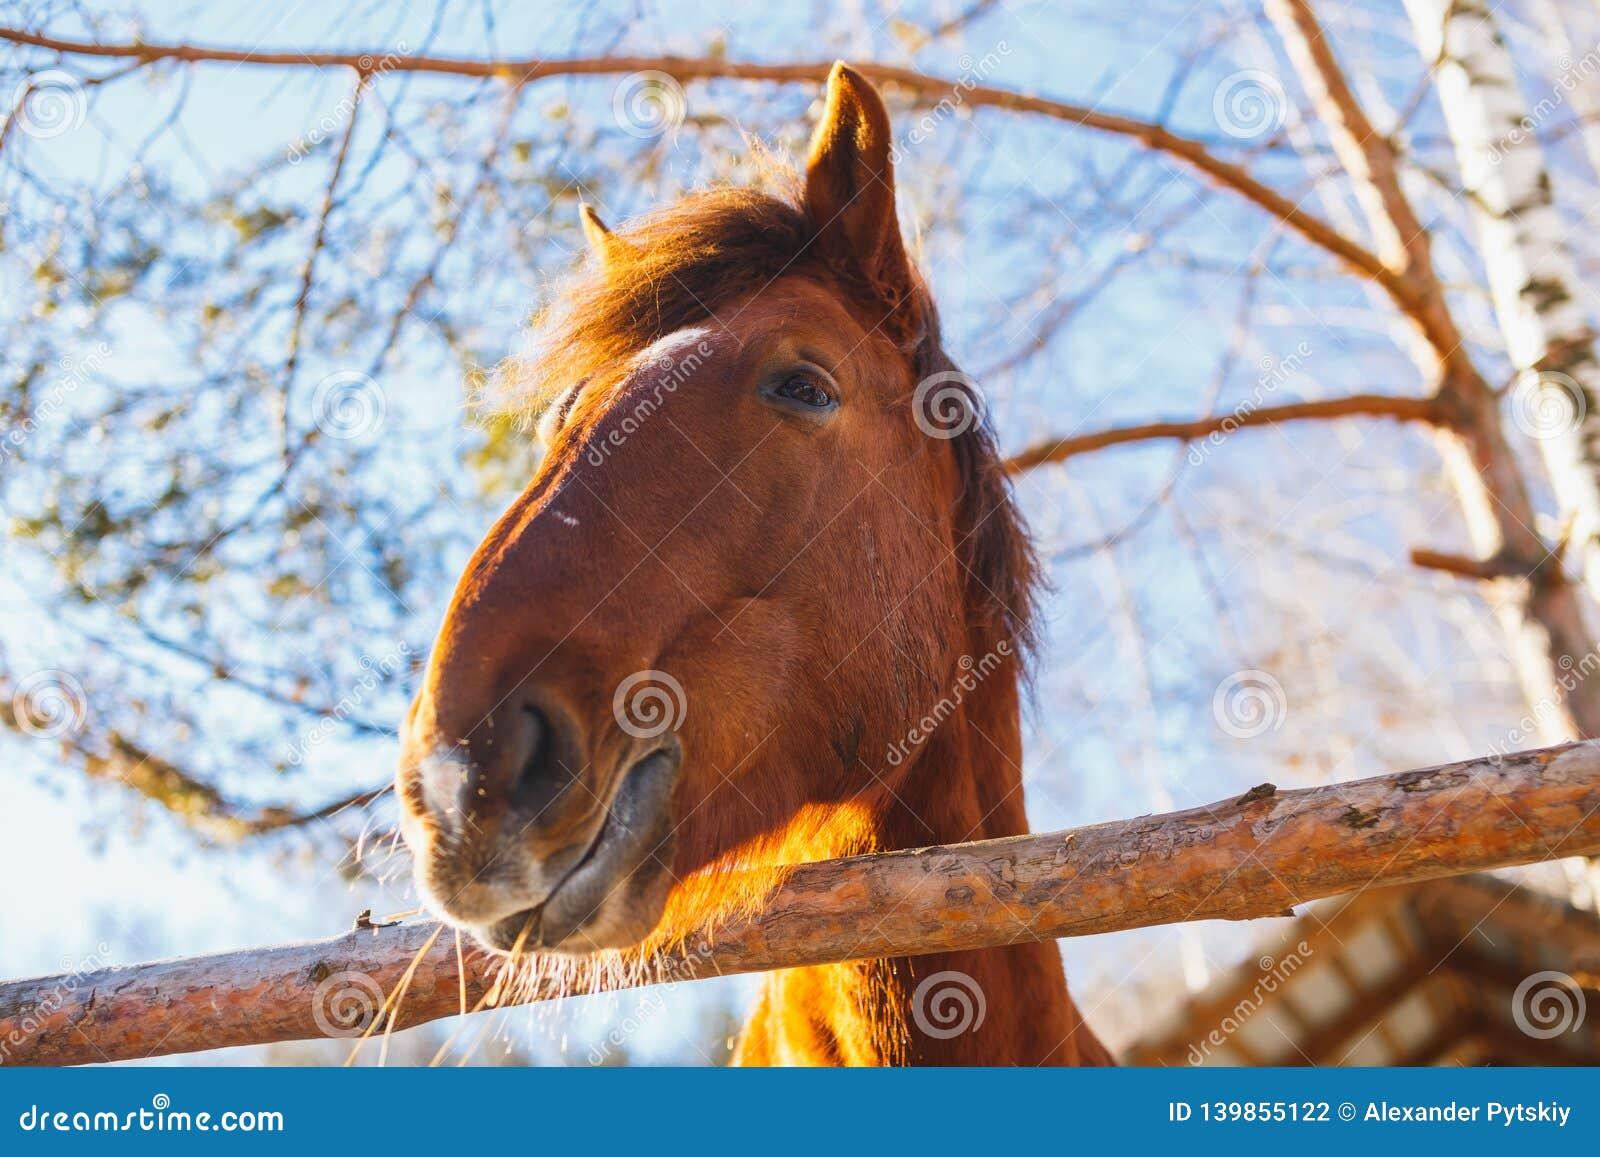 Kopf des Pferds an einem sonnigen Tag